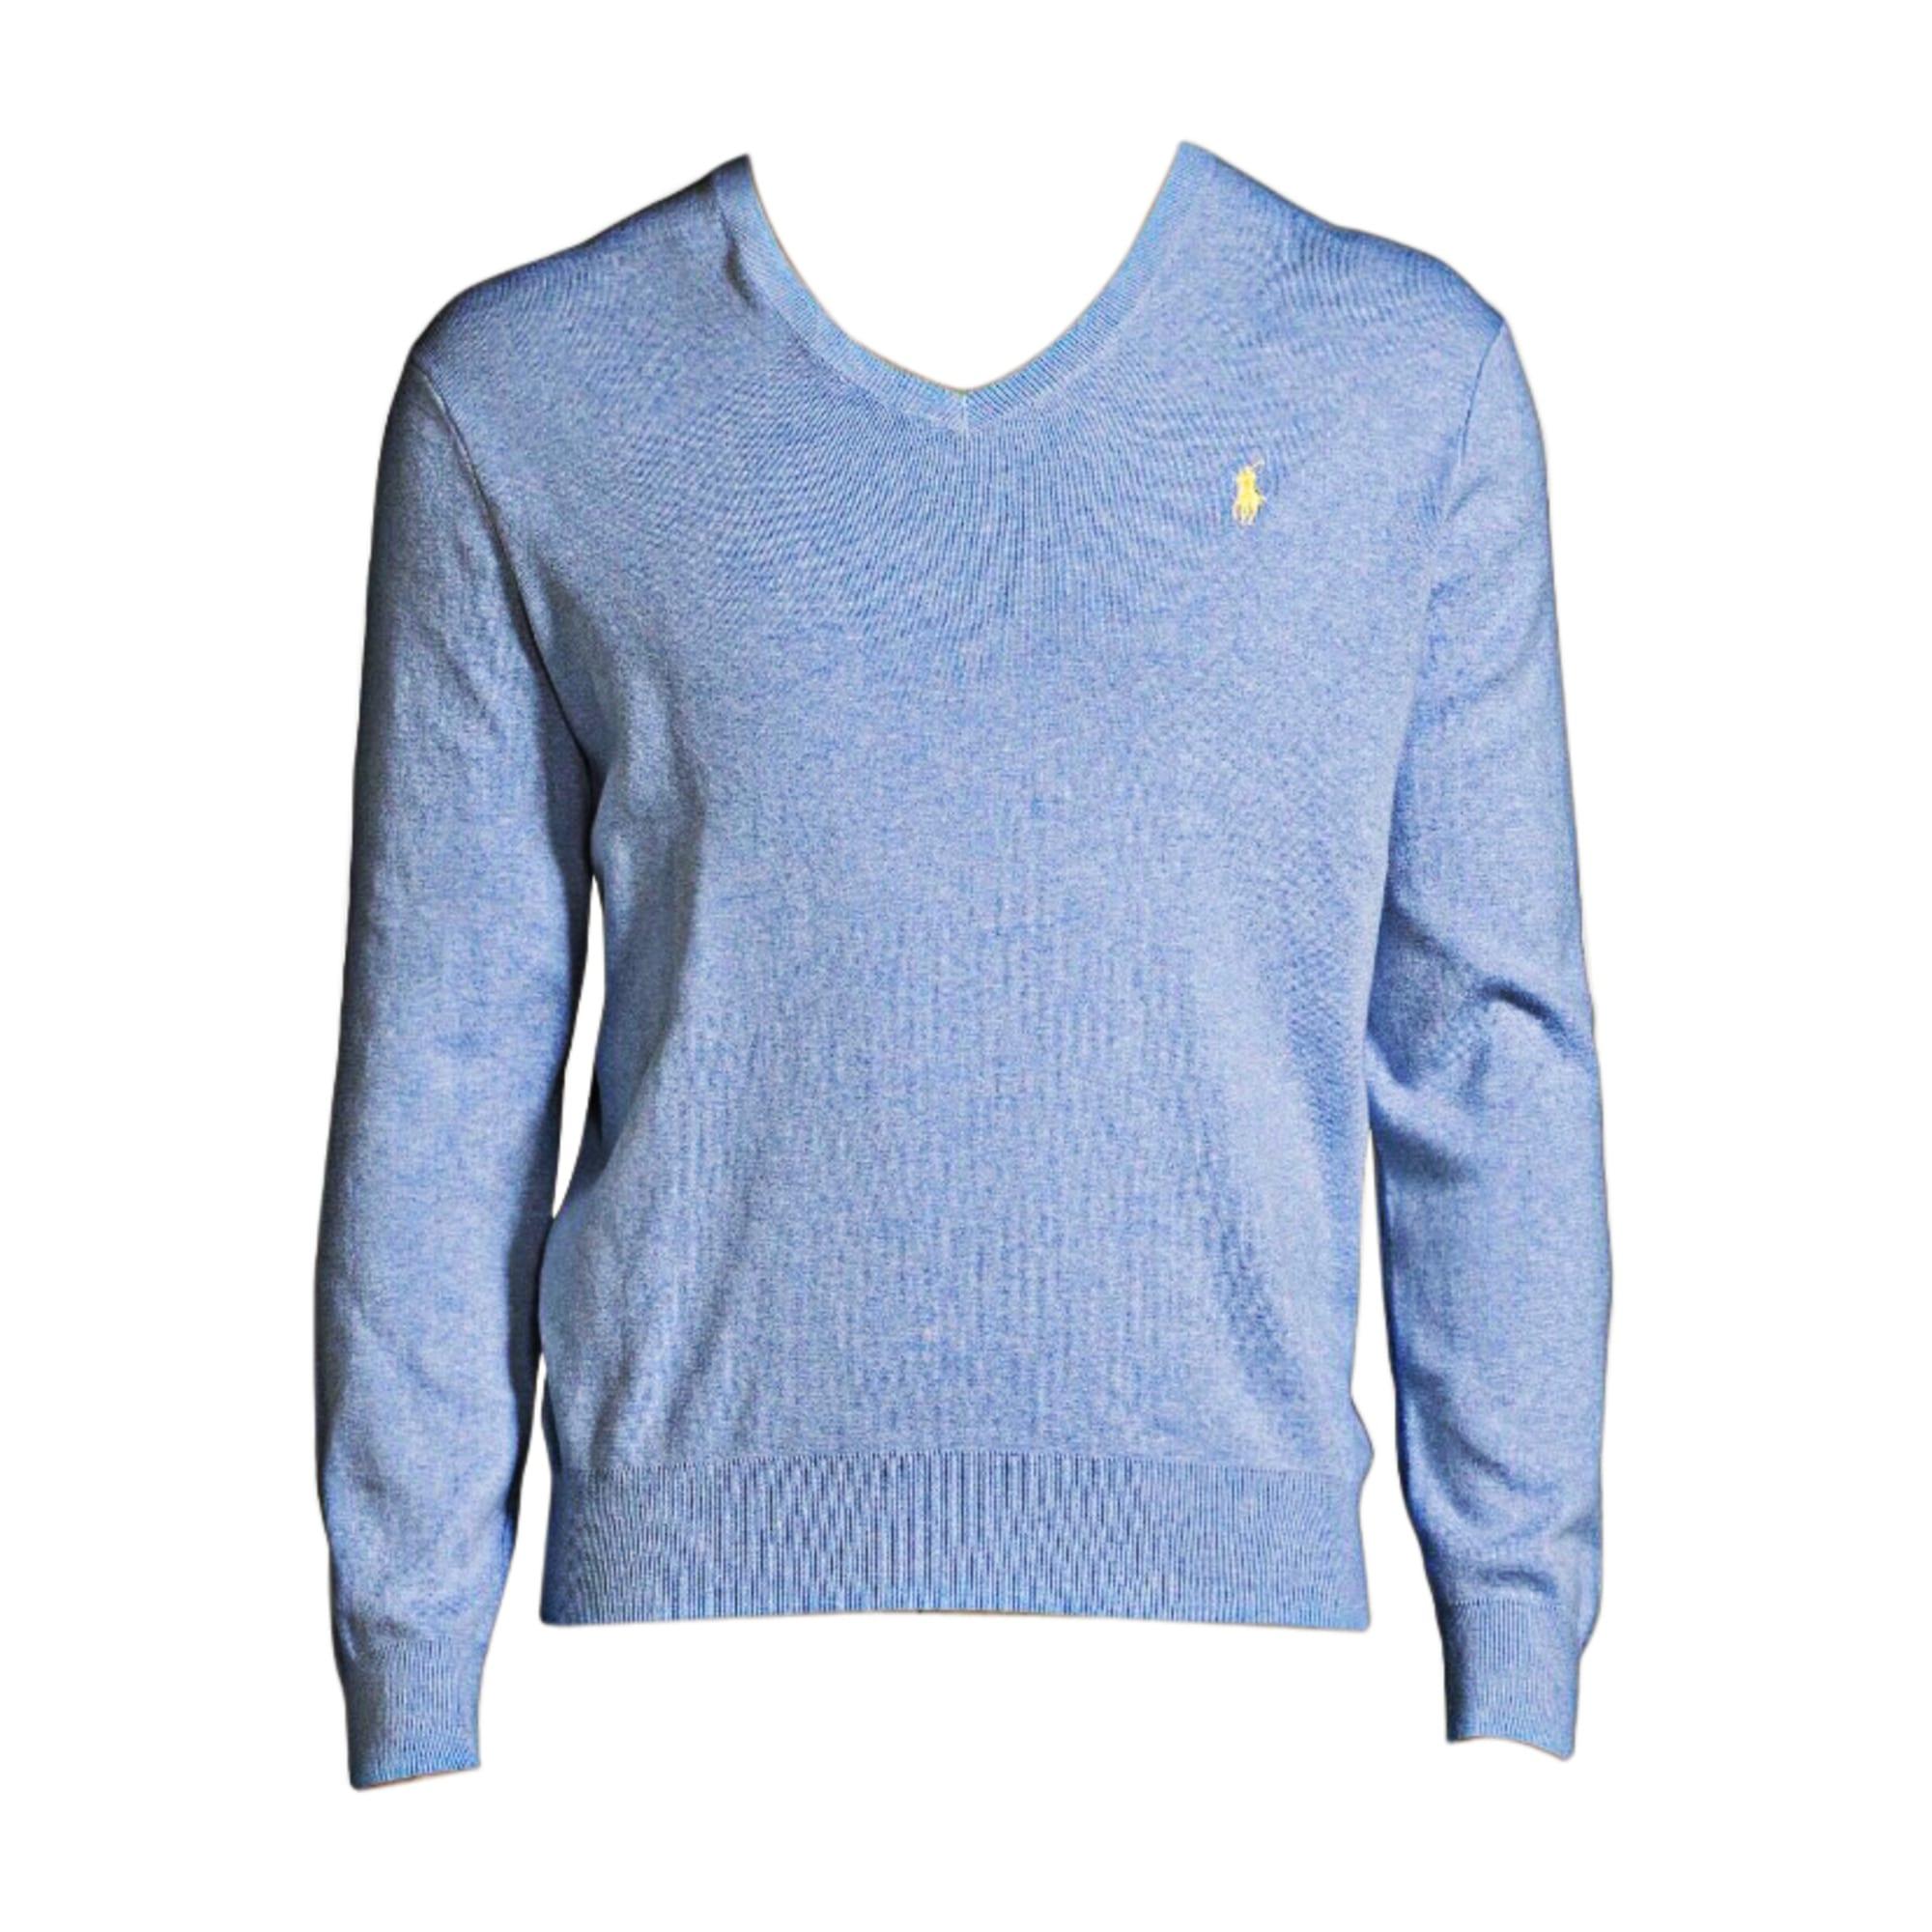 Pull RALPH LAUREN Bleu, bleu marine, bleu turquoise 2ac69ff900f